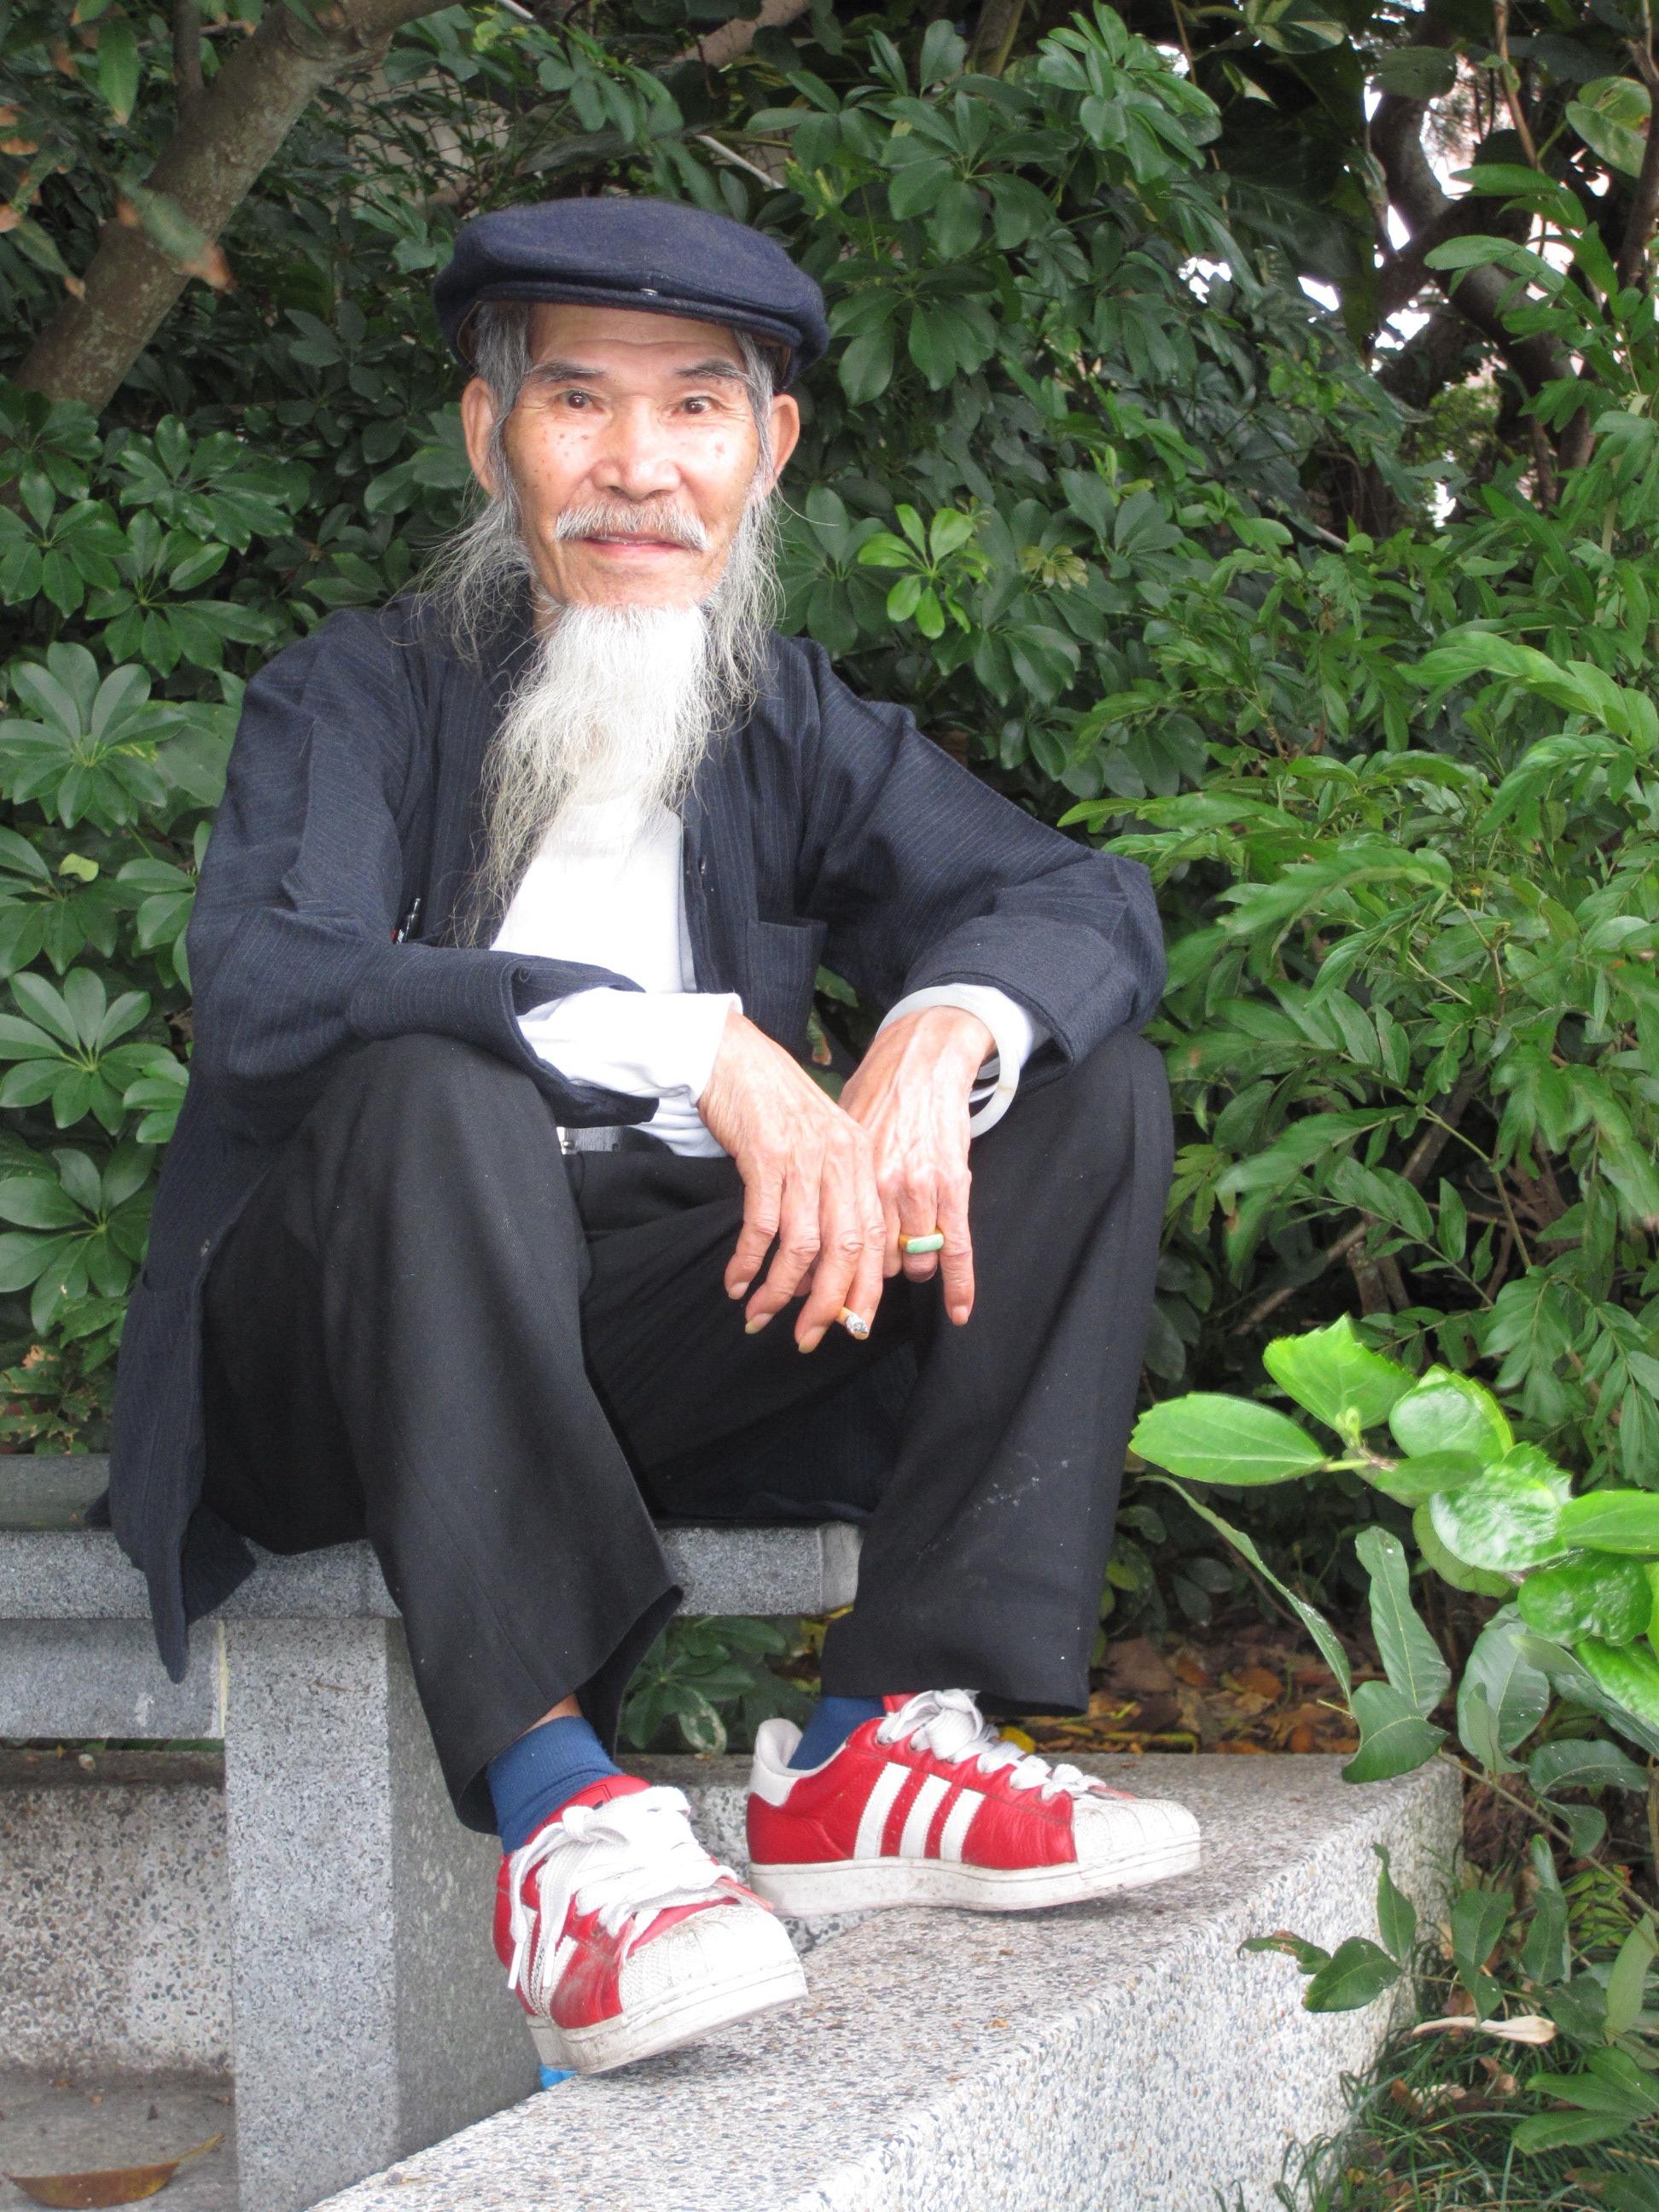 Gambar Orang Tua Jenggot Esai Cina 1944x2592 967058